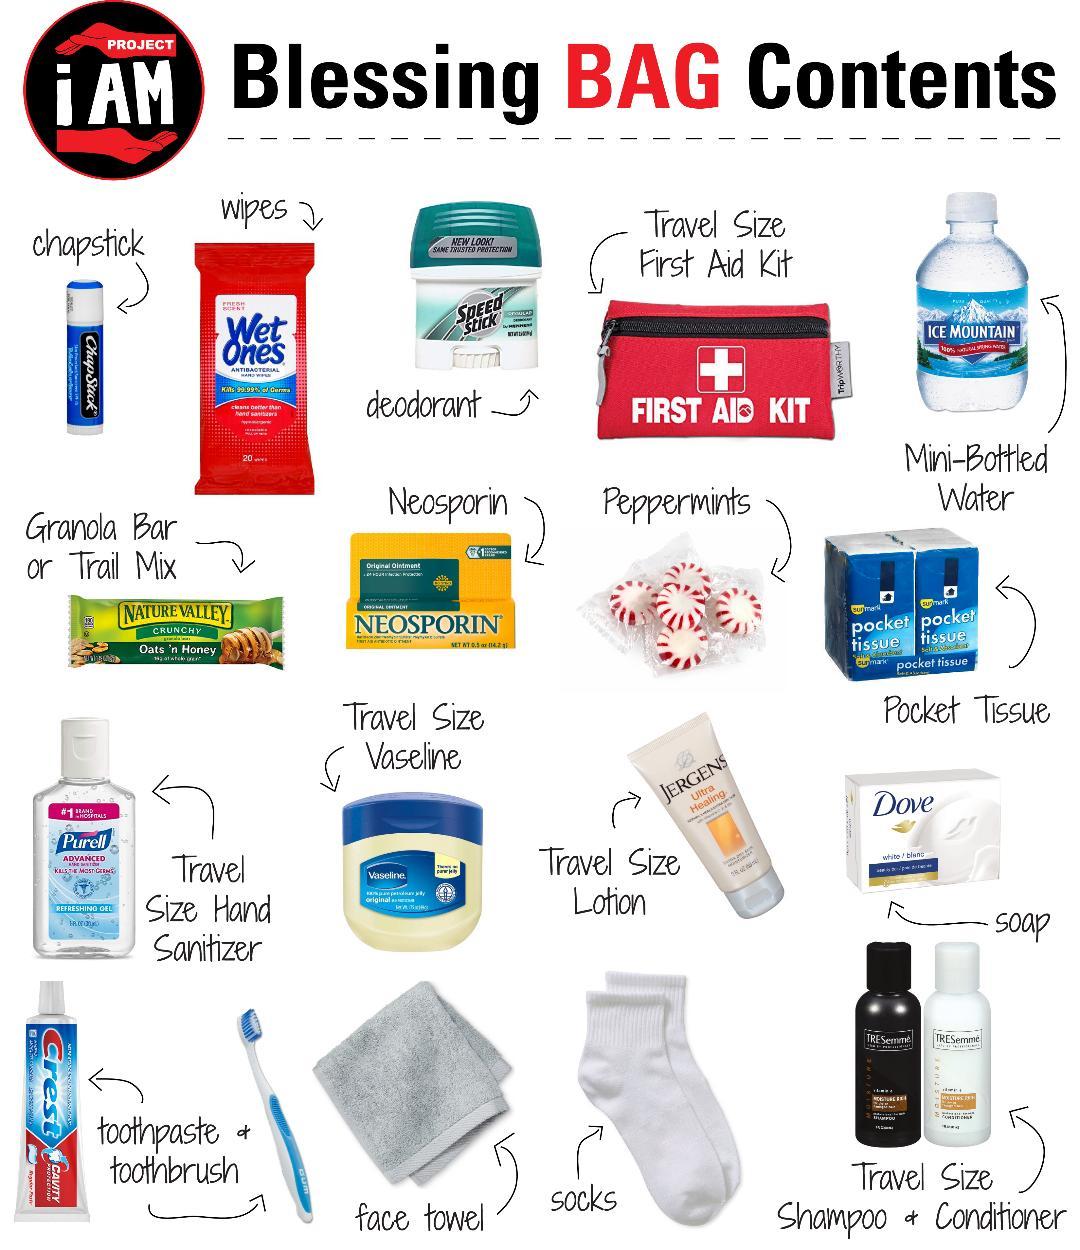 Blessing bag items.jpg